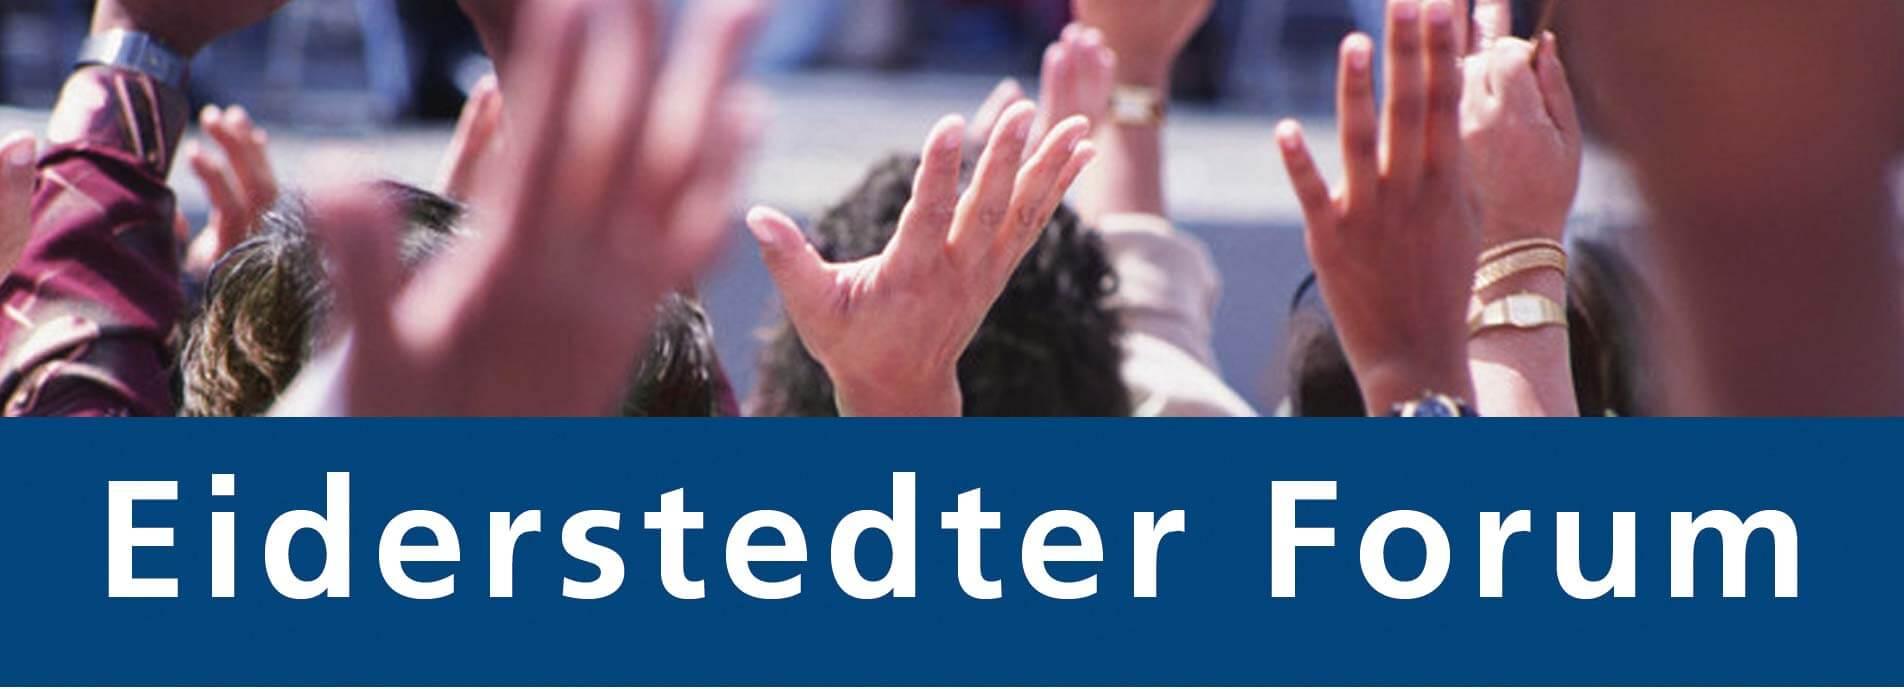 Eiderstedter Forum